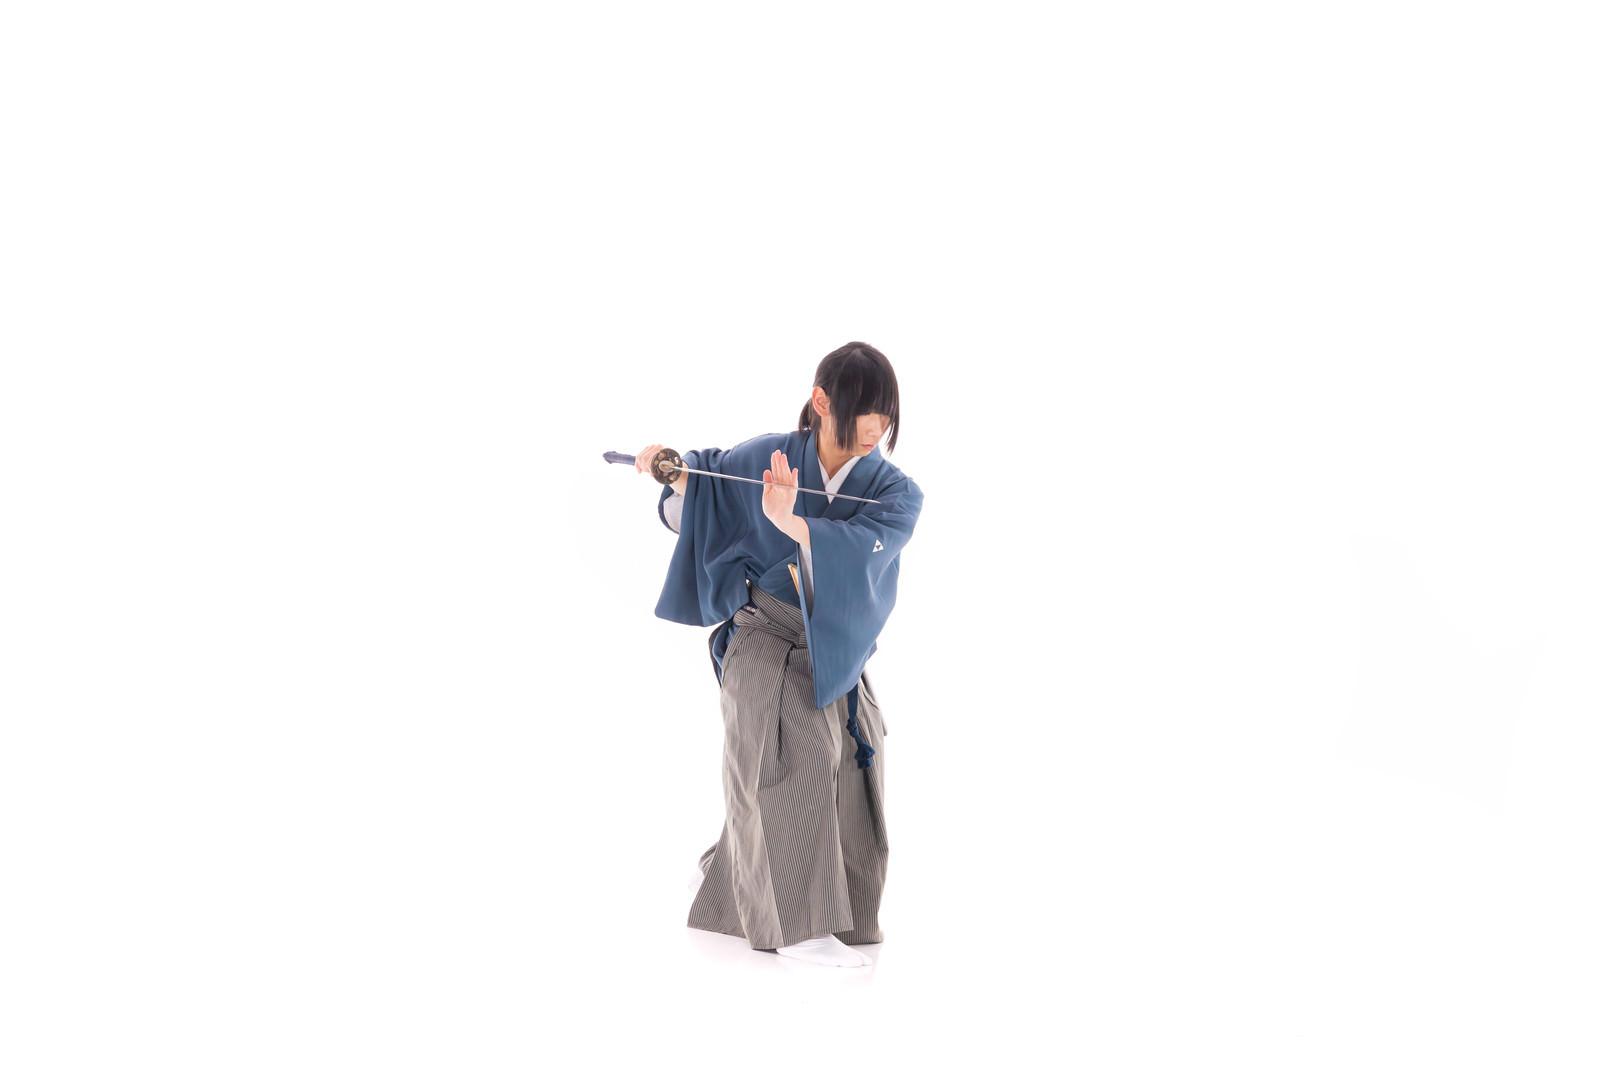 「刀に手を添える(天心流兵法代範)」の写真[モデル:まーこ]